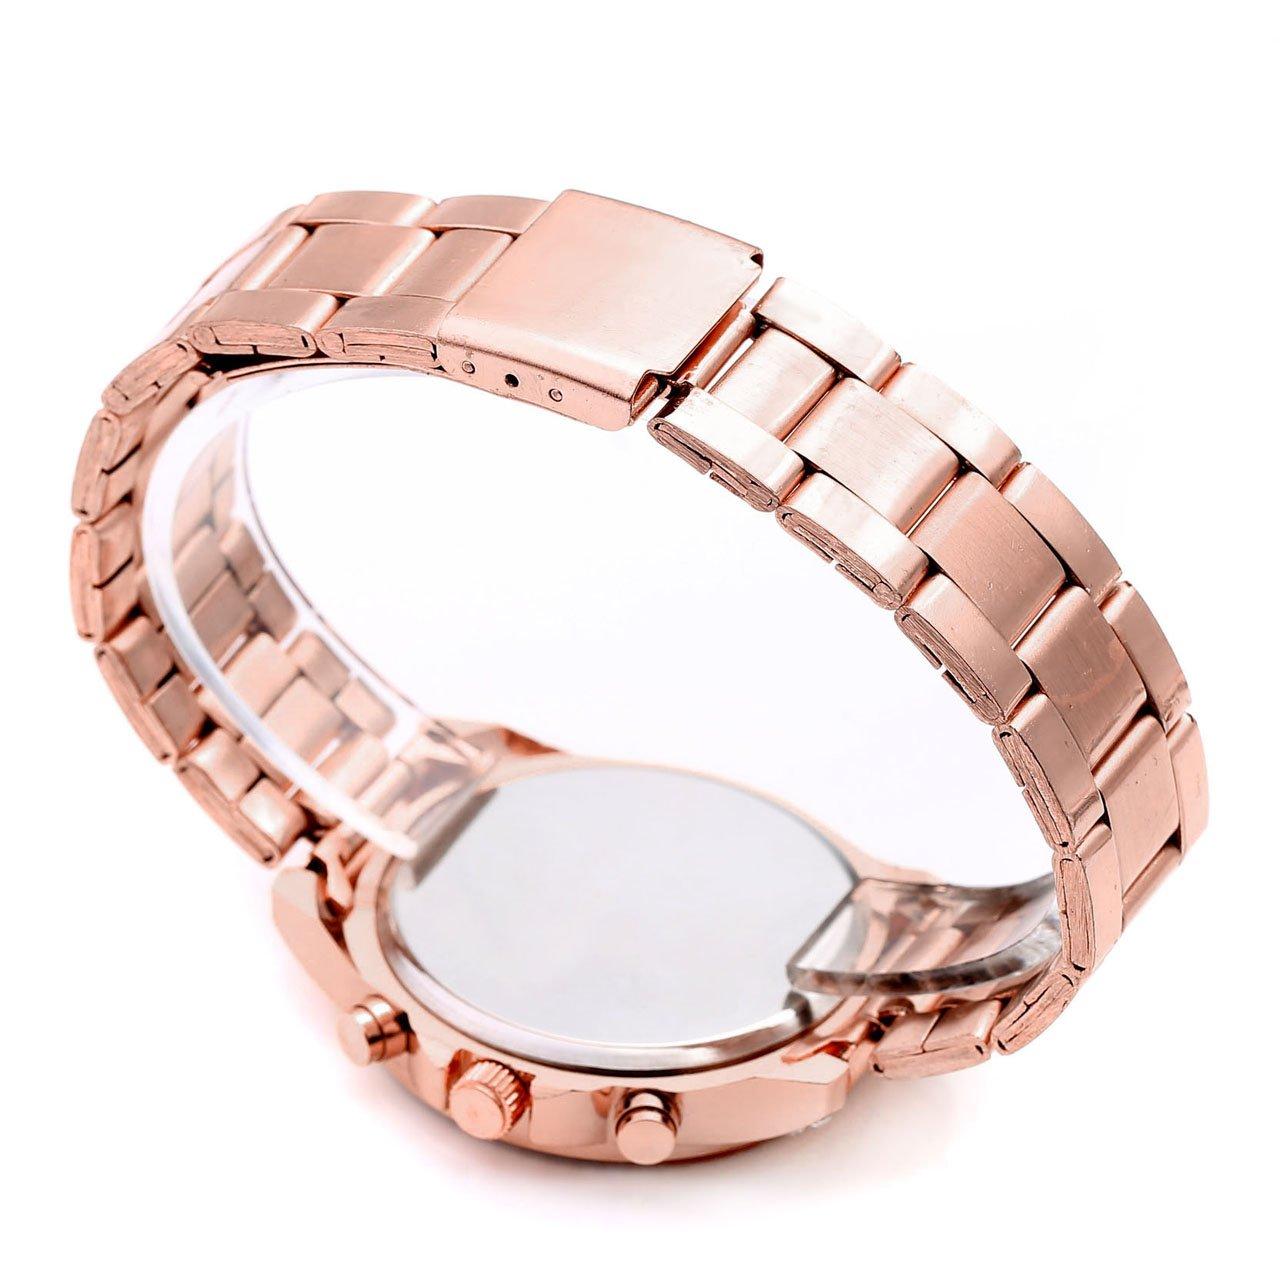 JSDDE Les femmes exquis cristal de luxe strass cristal Montre acier inoxydable bracelet faux Chronographe Quartz Analog Montre(Or Rose)